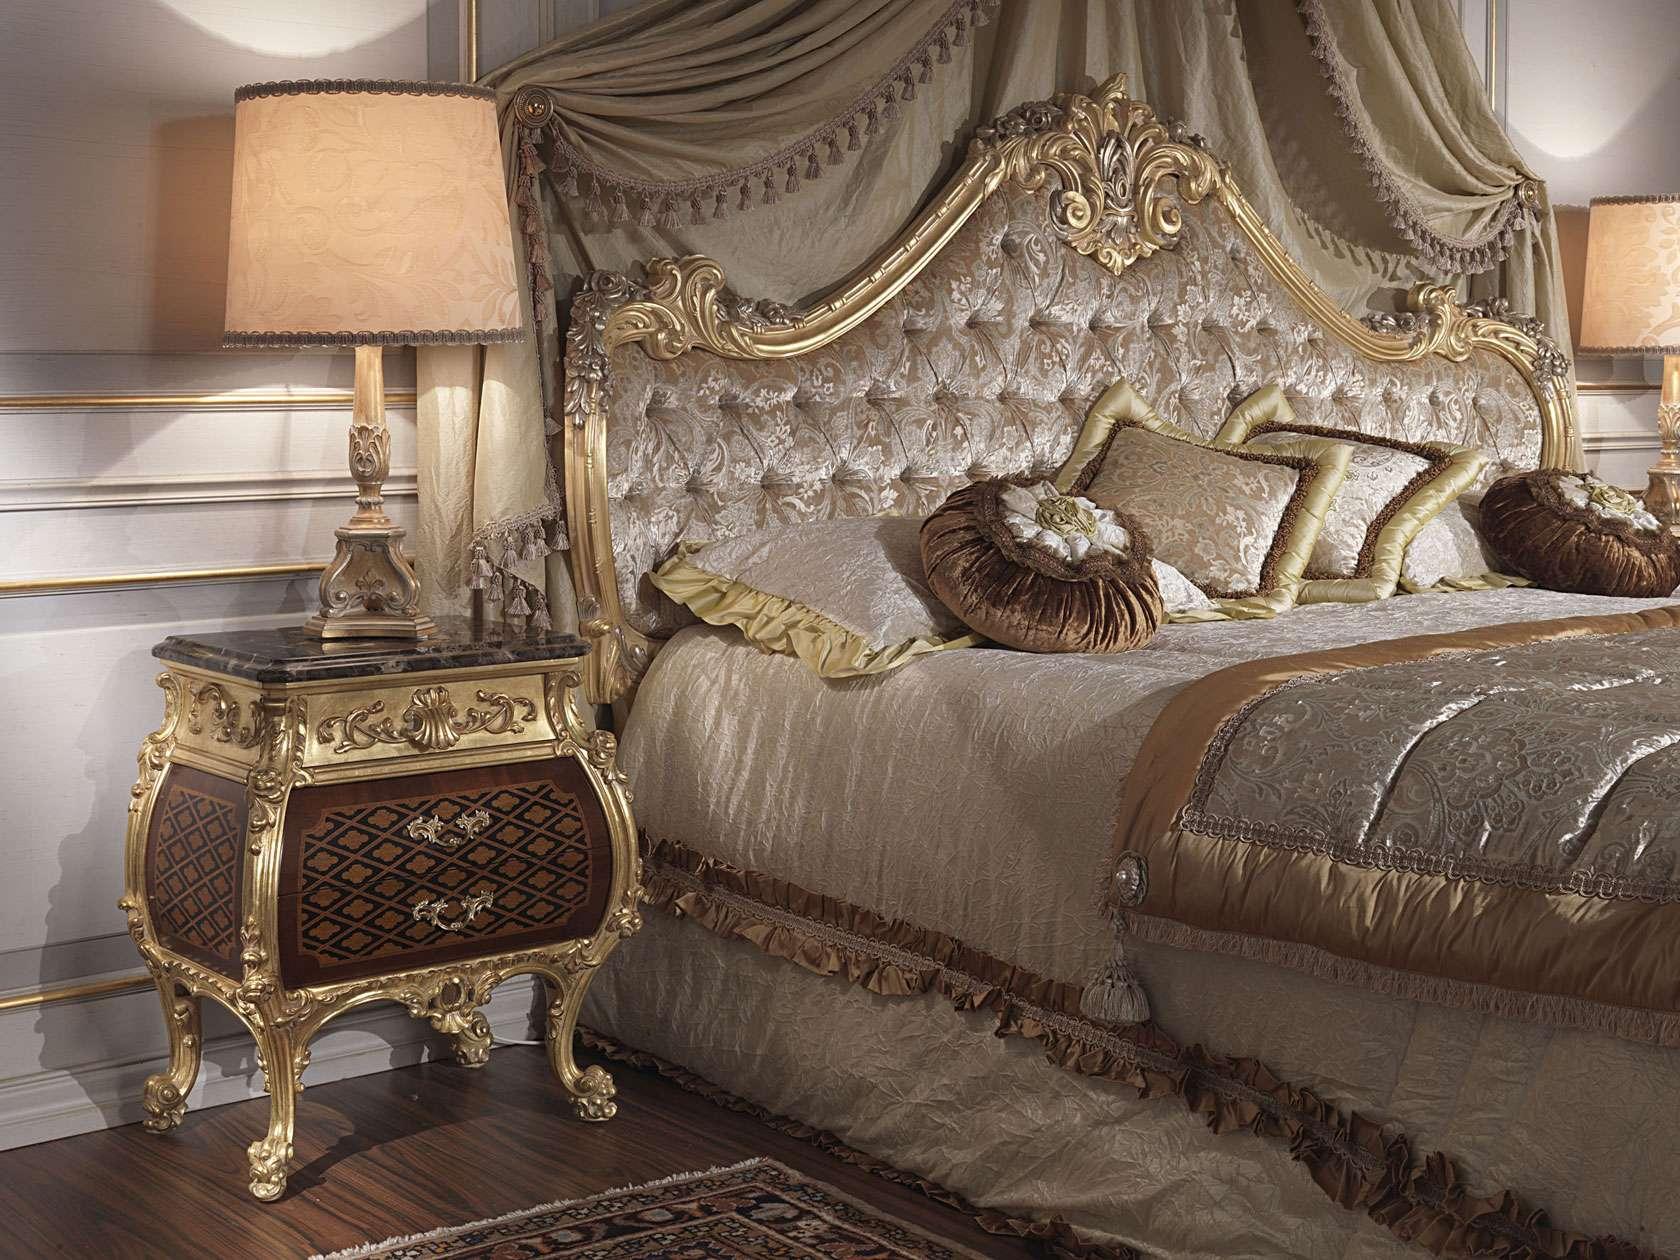 Camera da letto classica 700 italiano e luigi xv letto e comodino vimercati meda - Camera da letto luigi filippo ...